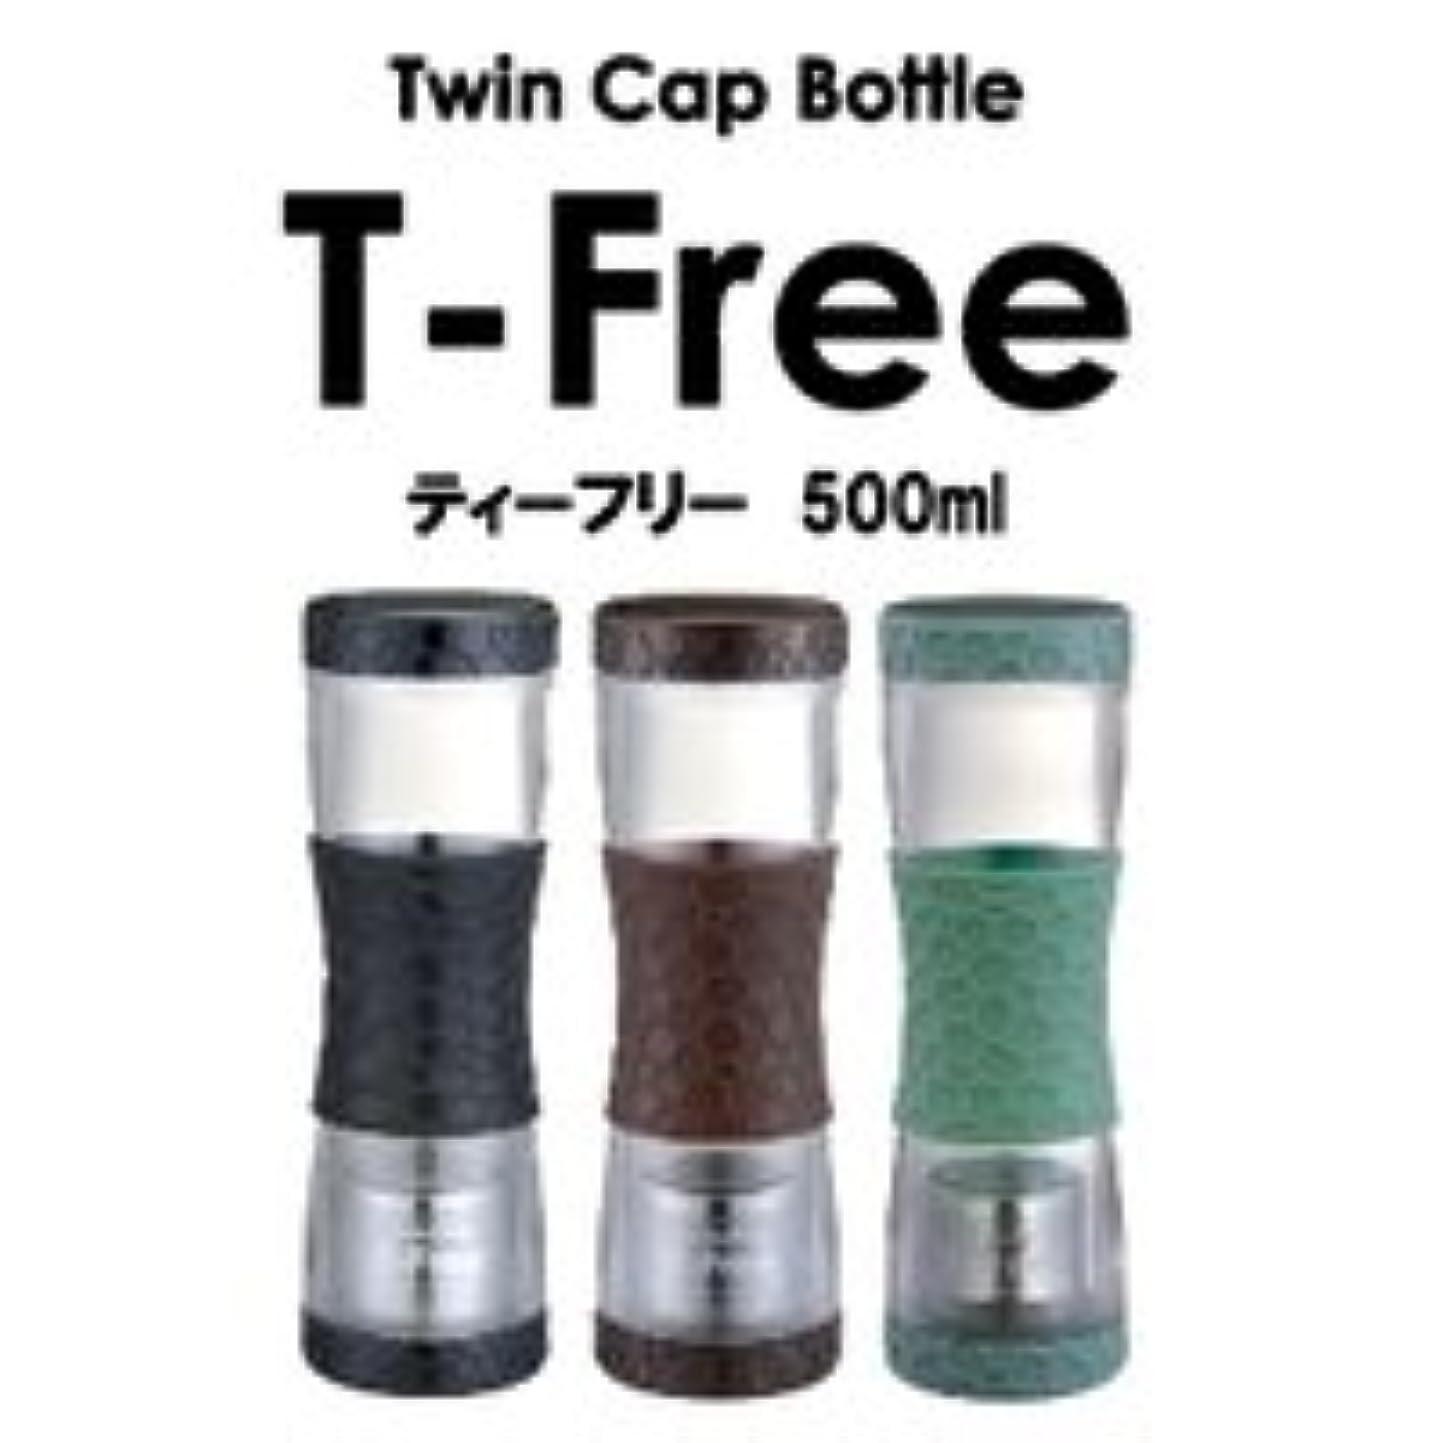 維持モデレータラバティーフリー500ml T-Free (カラー:グリーン) ※使い方自由なツインキャップボトル